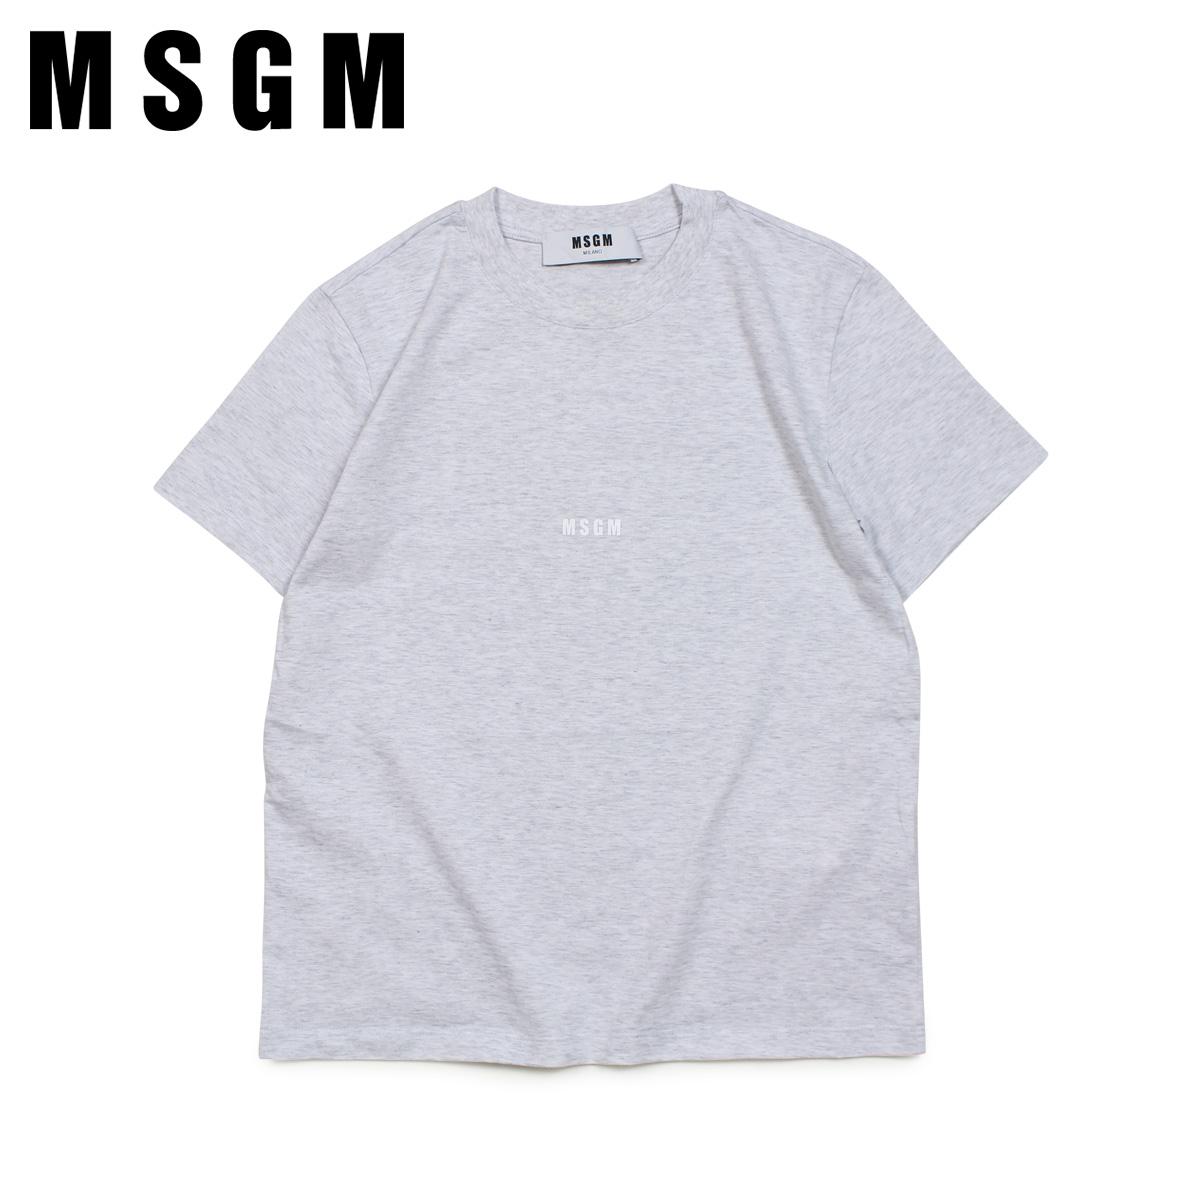 【最大2000円OFFクーポン】 MSGM エムエスジーエム Tシャツ 半袖 レディース MICRO LOGO T-SHIRT グレー MDM100 94